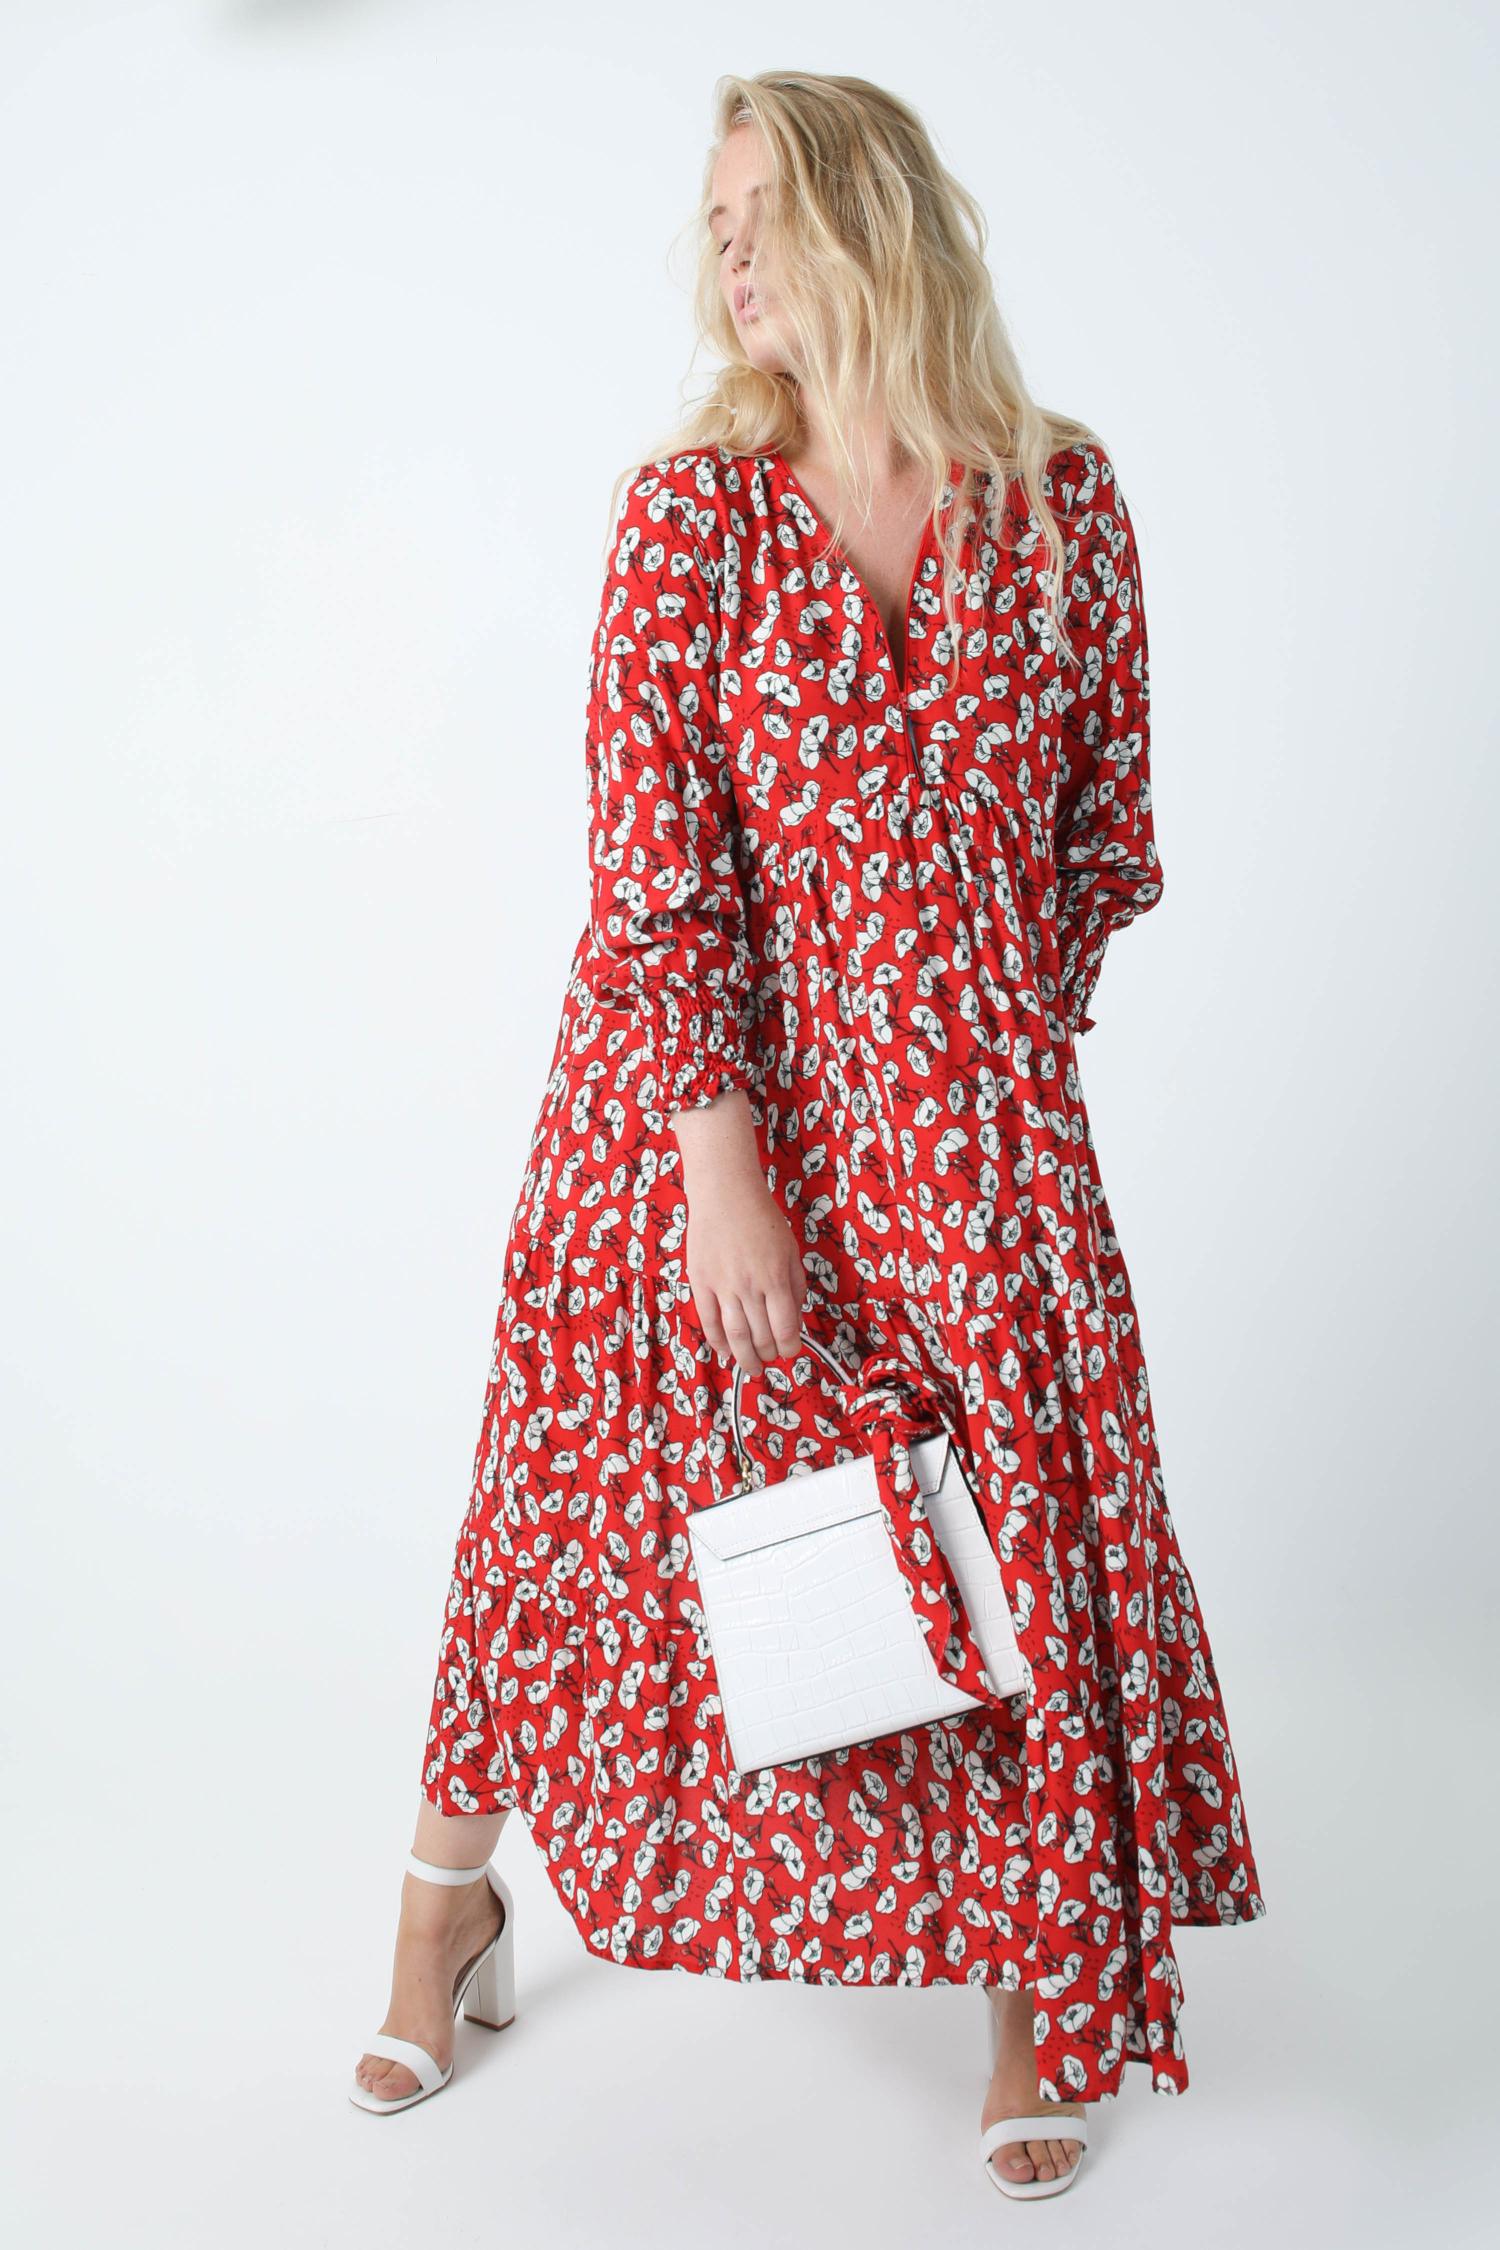 Long bohemian style dress in printed viscose oeko-tex fabrics